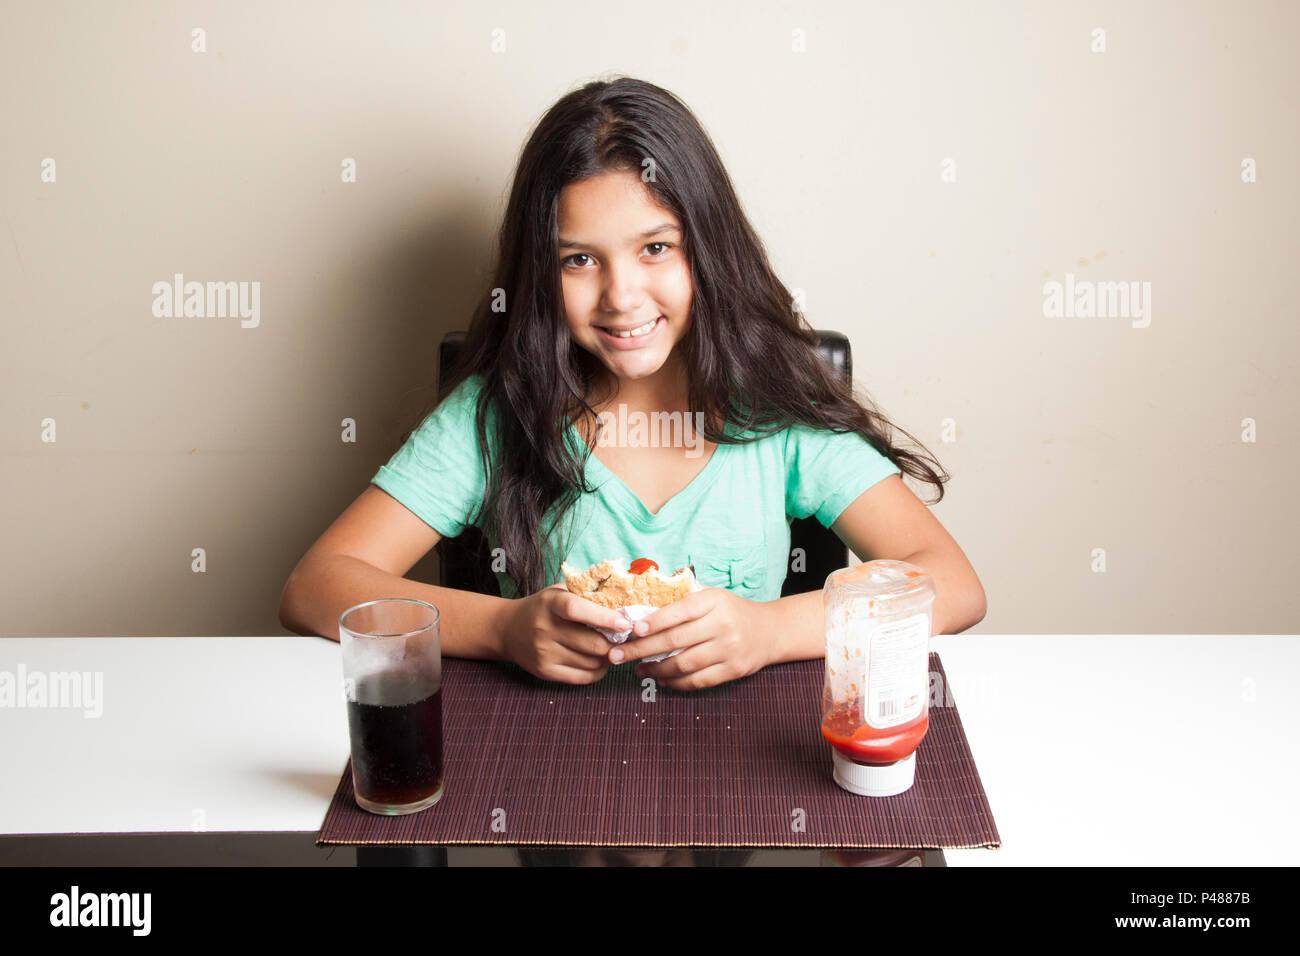 Adolescente comendo hamburguer. São Paulo/SP, Brasile. 030/03/2015. Foto: Irene Araujo / Fotoarena. Immagini Stock